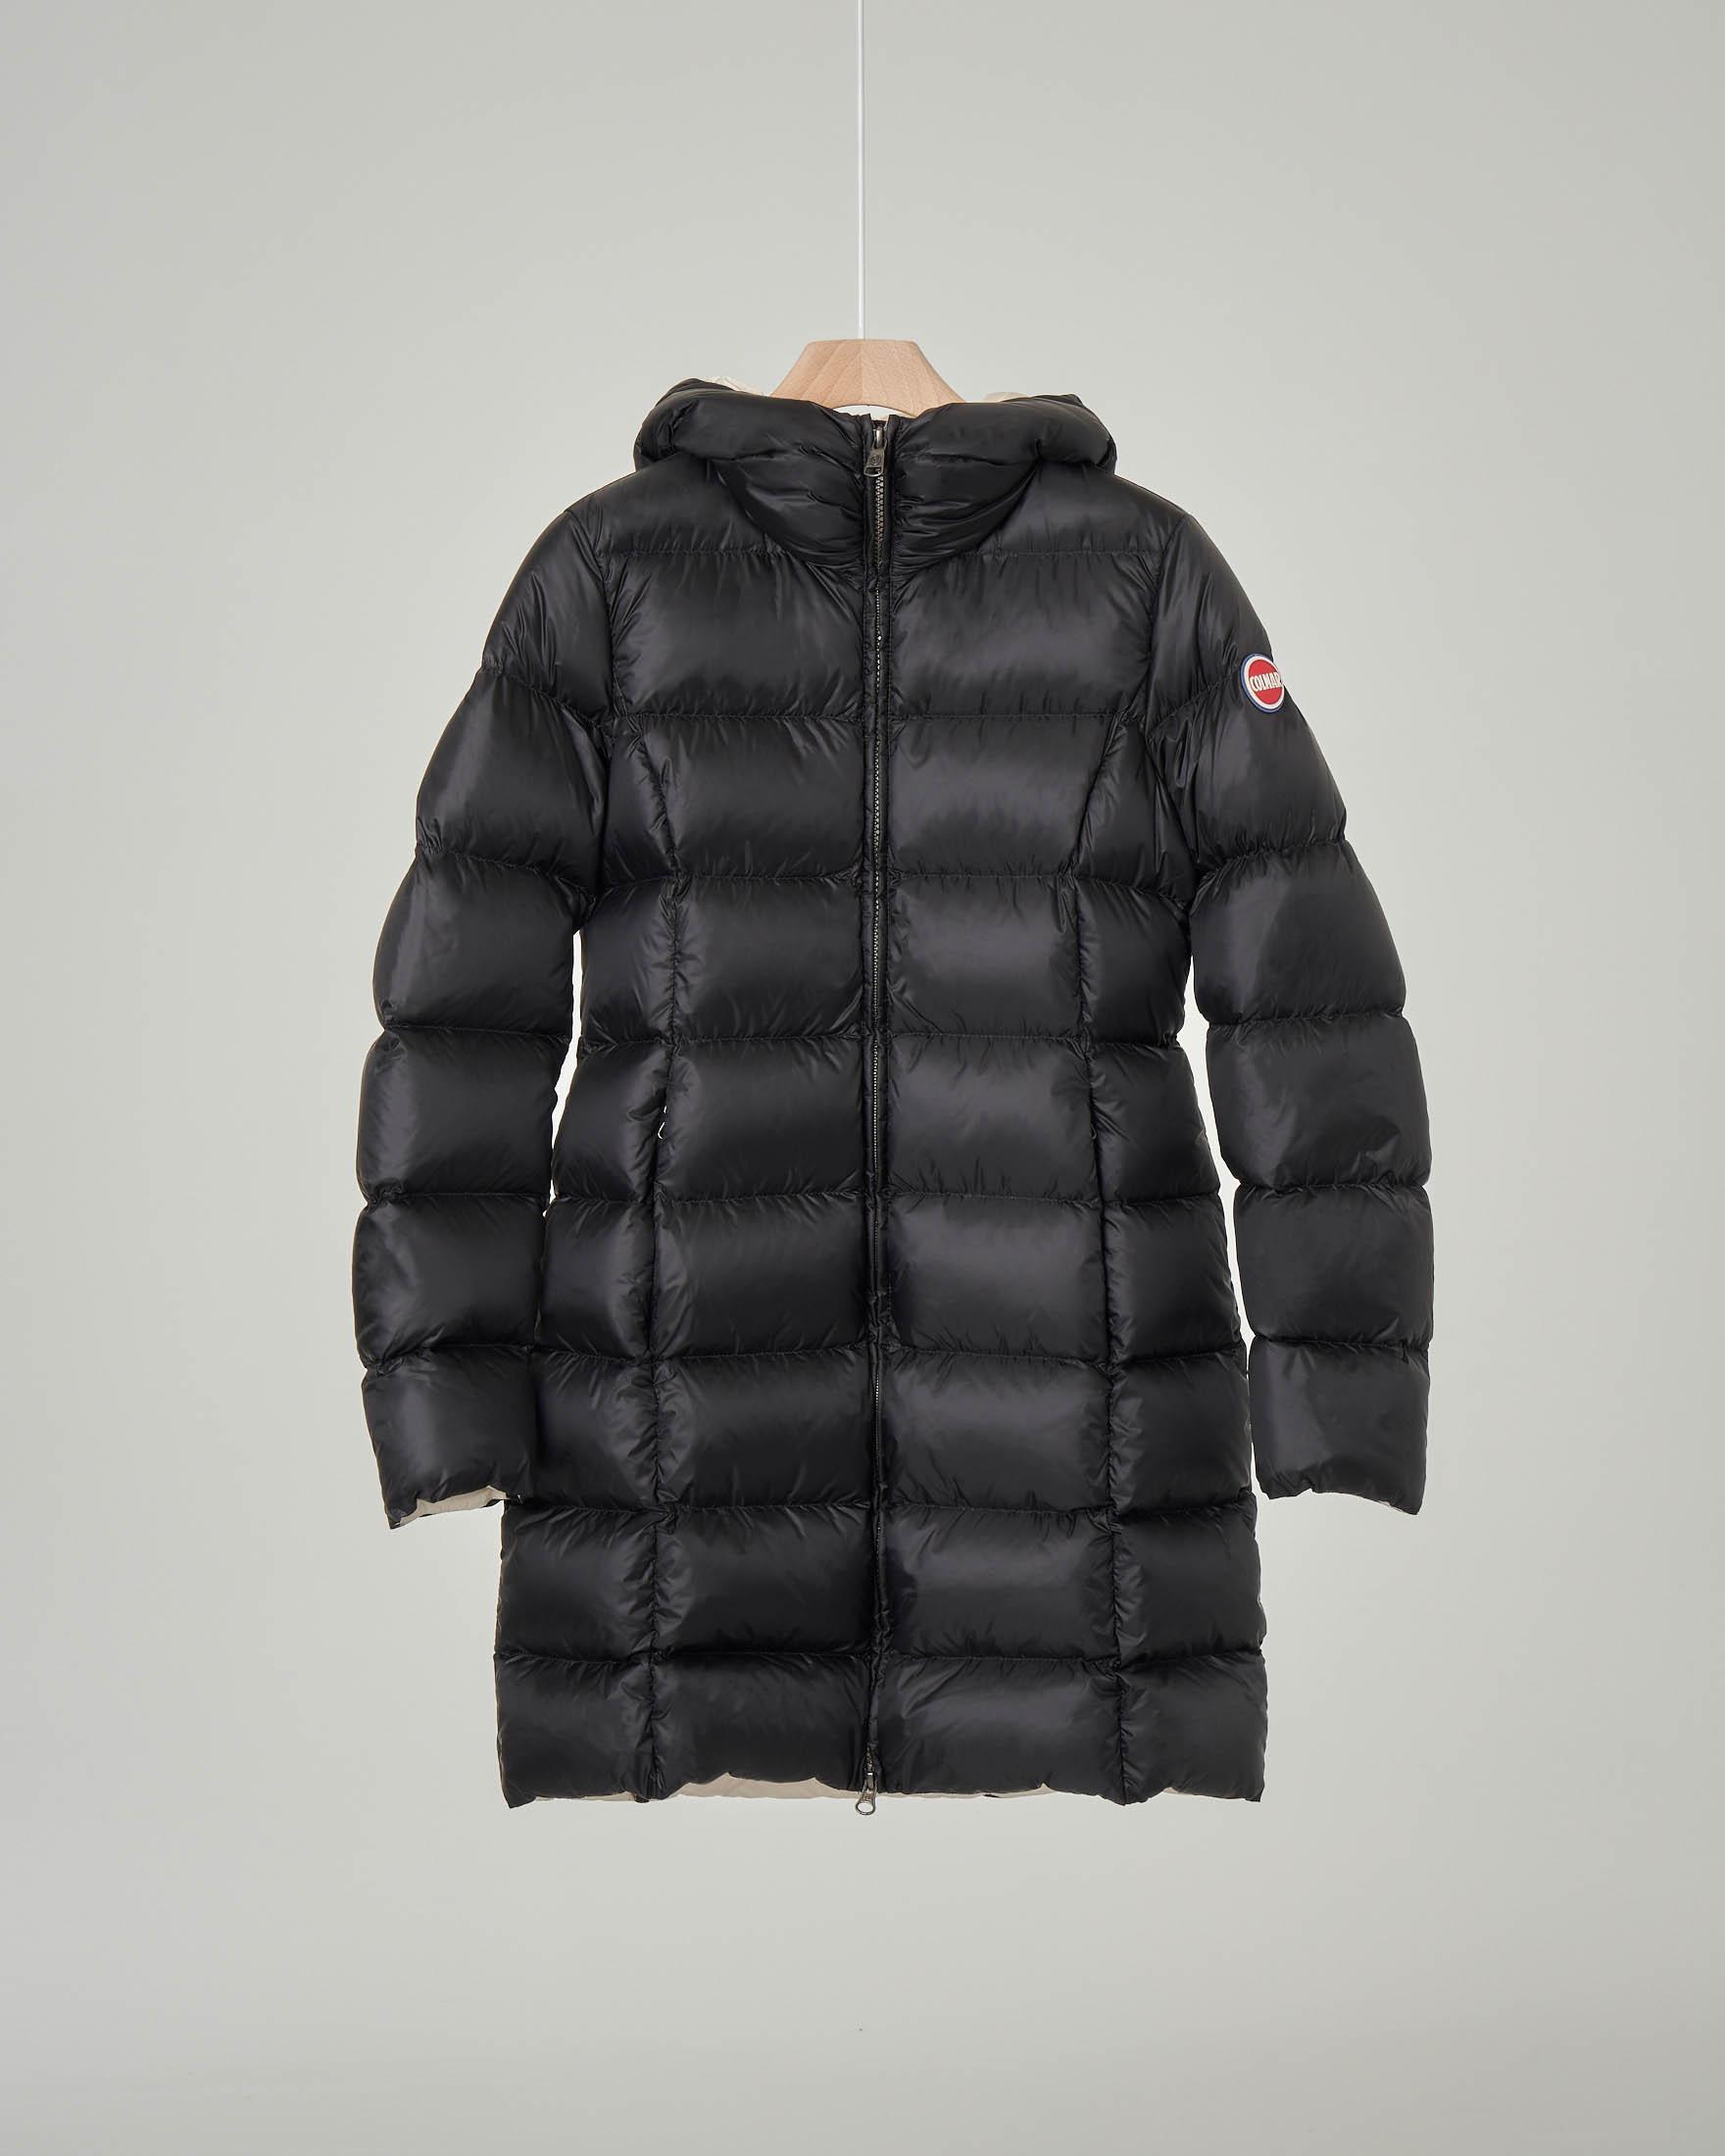 Cappotto nero imbottito in piuma con cappuccio fisso 12-16 anni